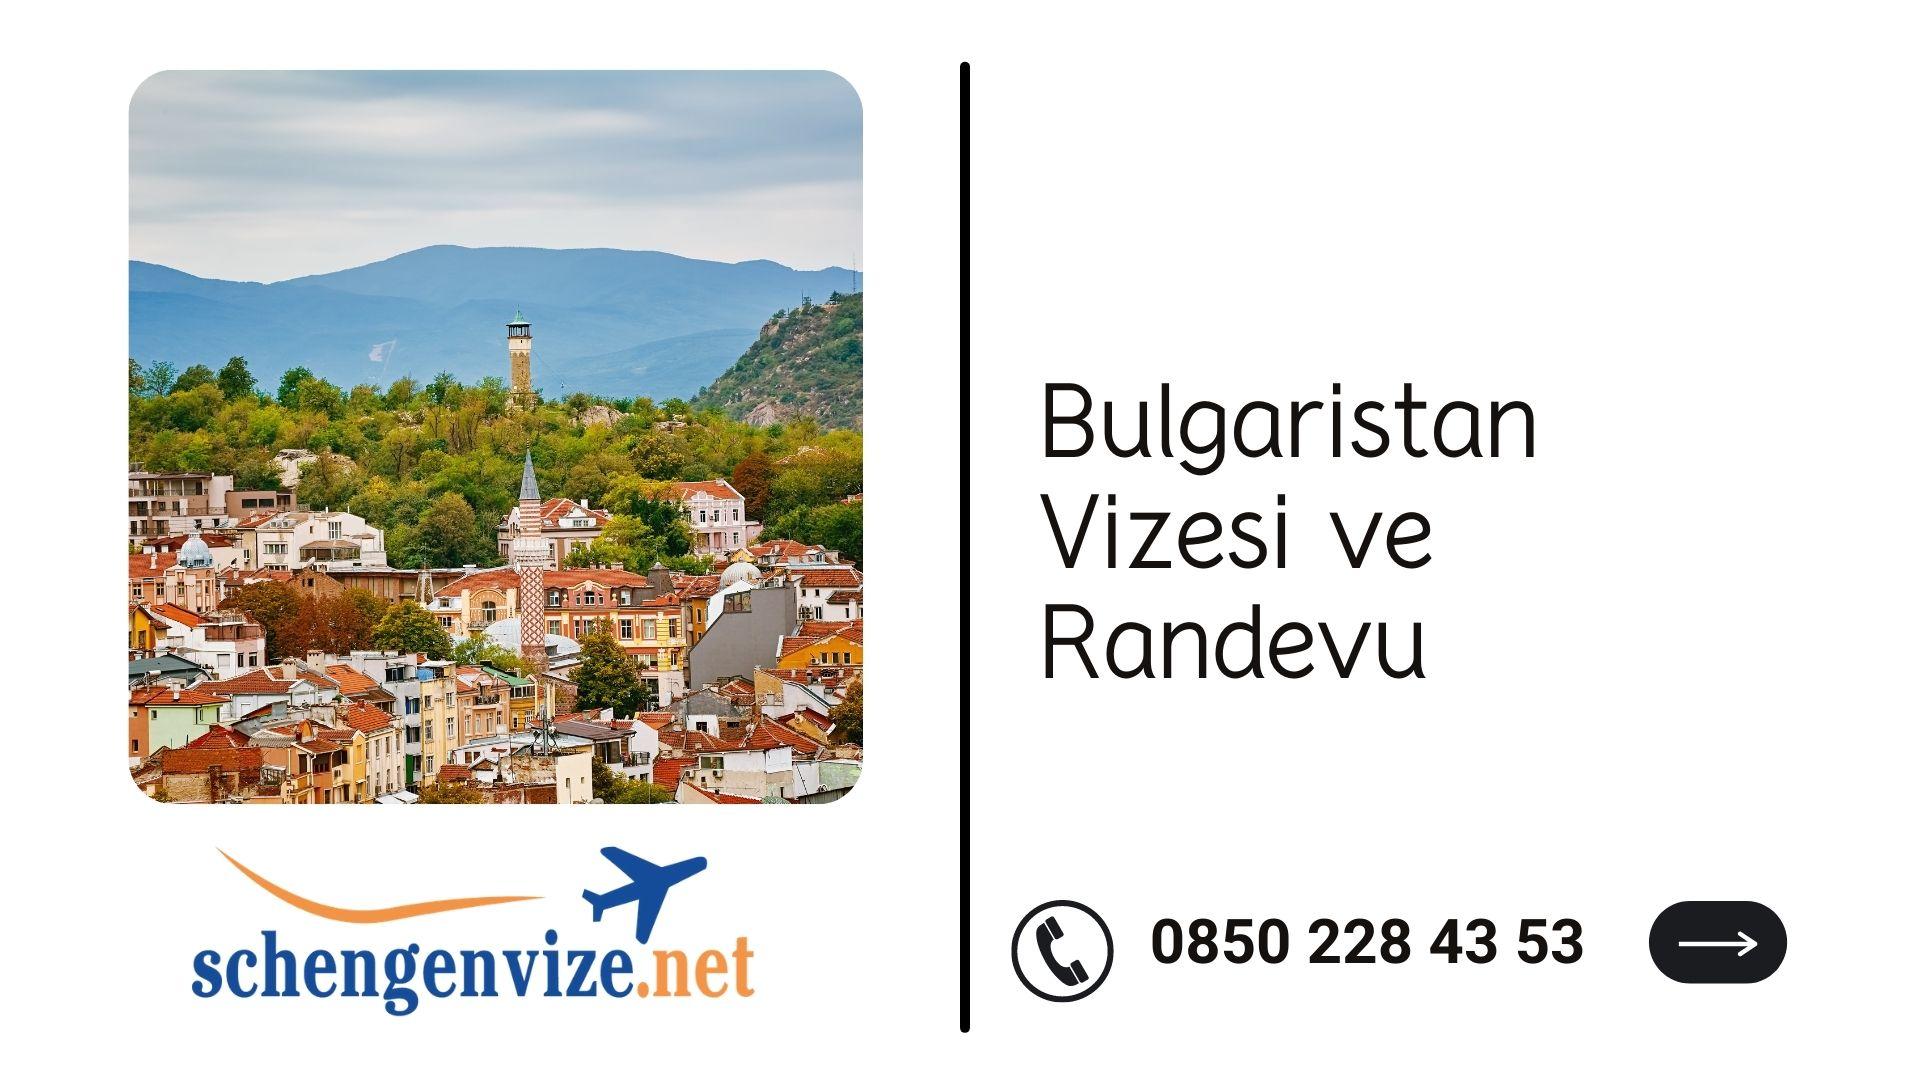 Bulgaristan Vizesi ve Randevu